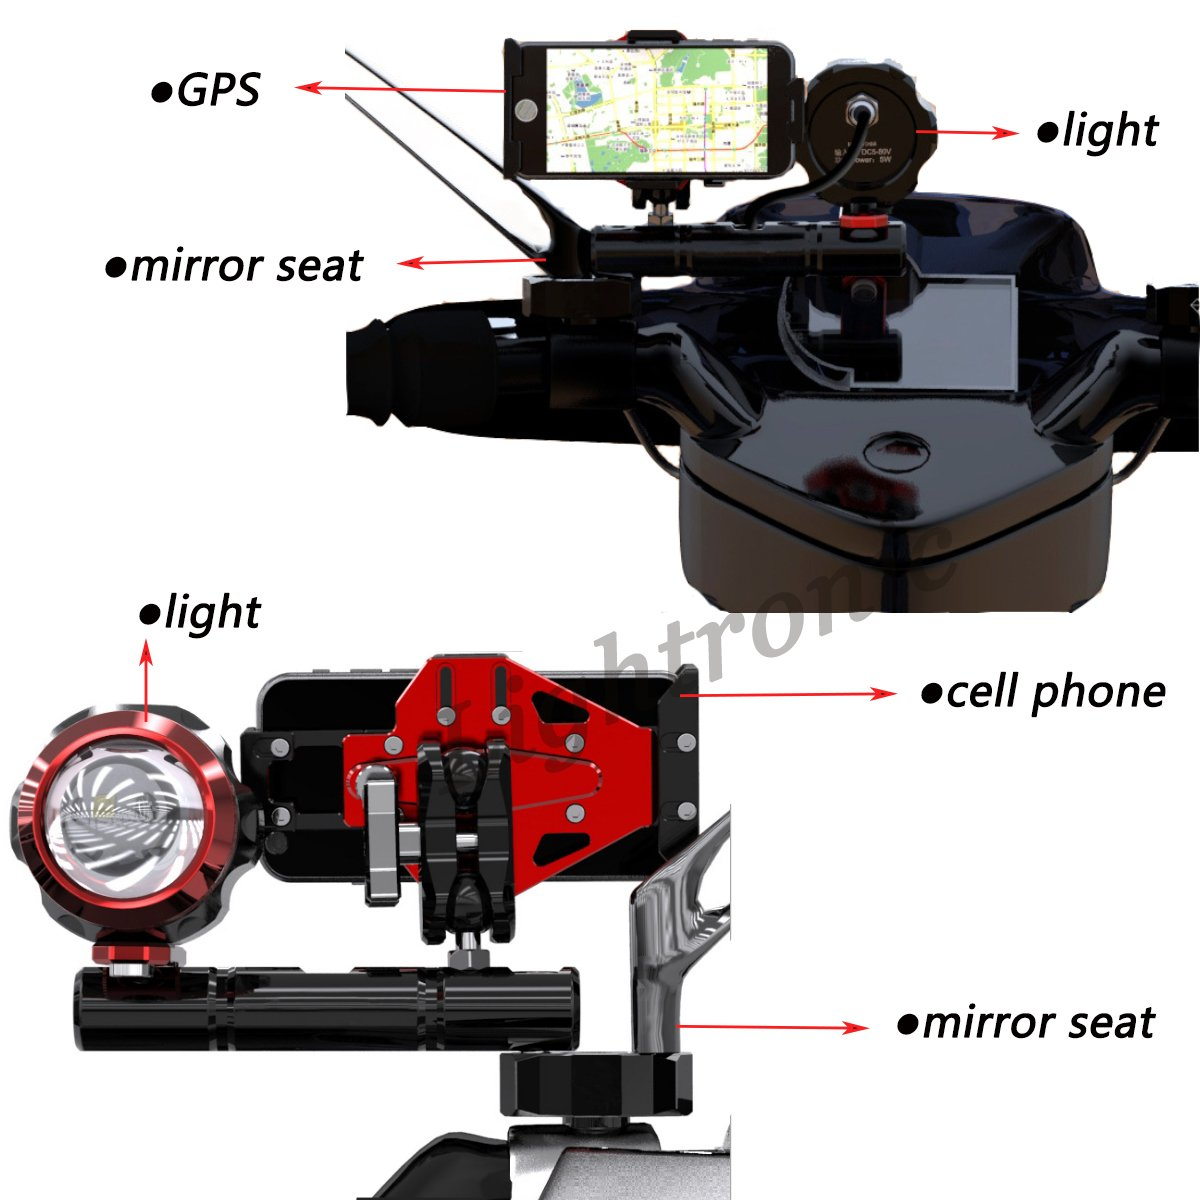 Lightronic Multifunktionale Spiegel Lenkerendenspiegel Lenkerspiegel R/ückspiegel Klammer f/ür Ryde Spiegel Handy GPS Erweitern Halterung (Schwarz)